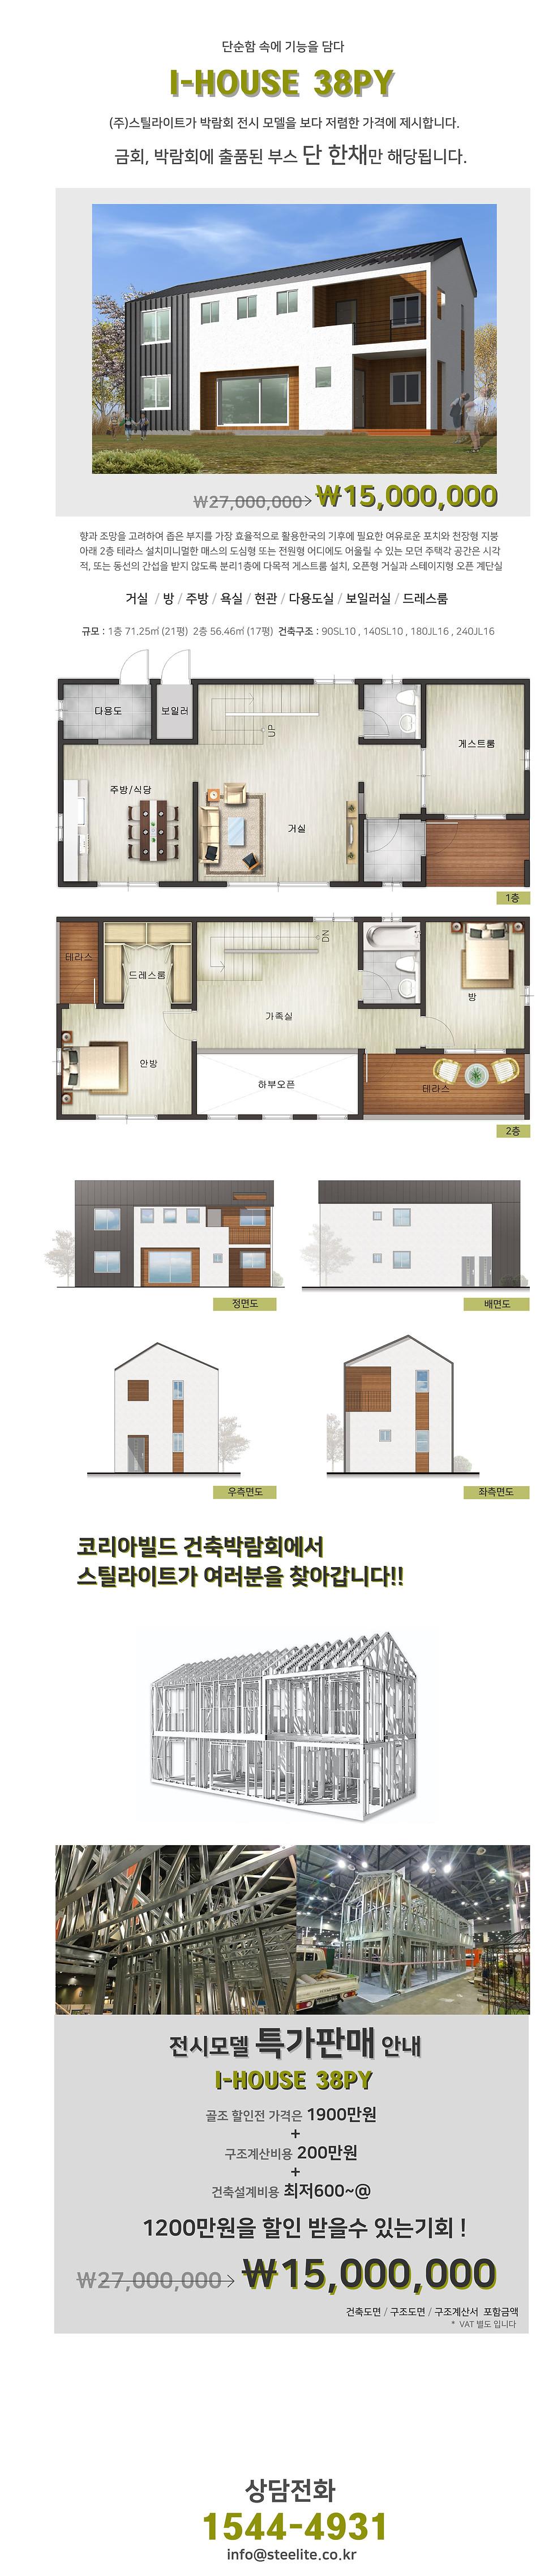 기획모델1.jpg